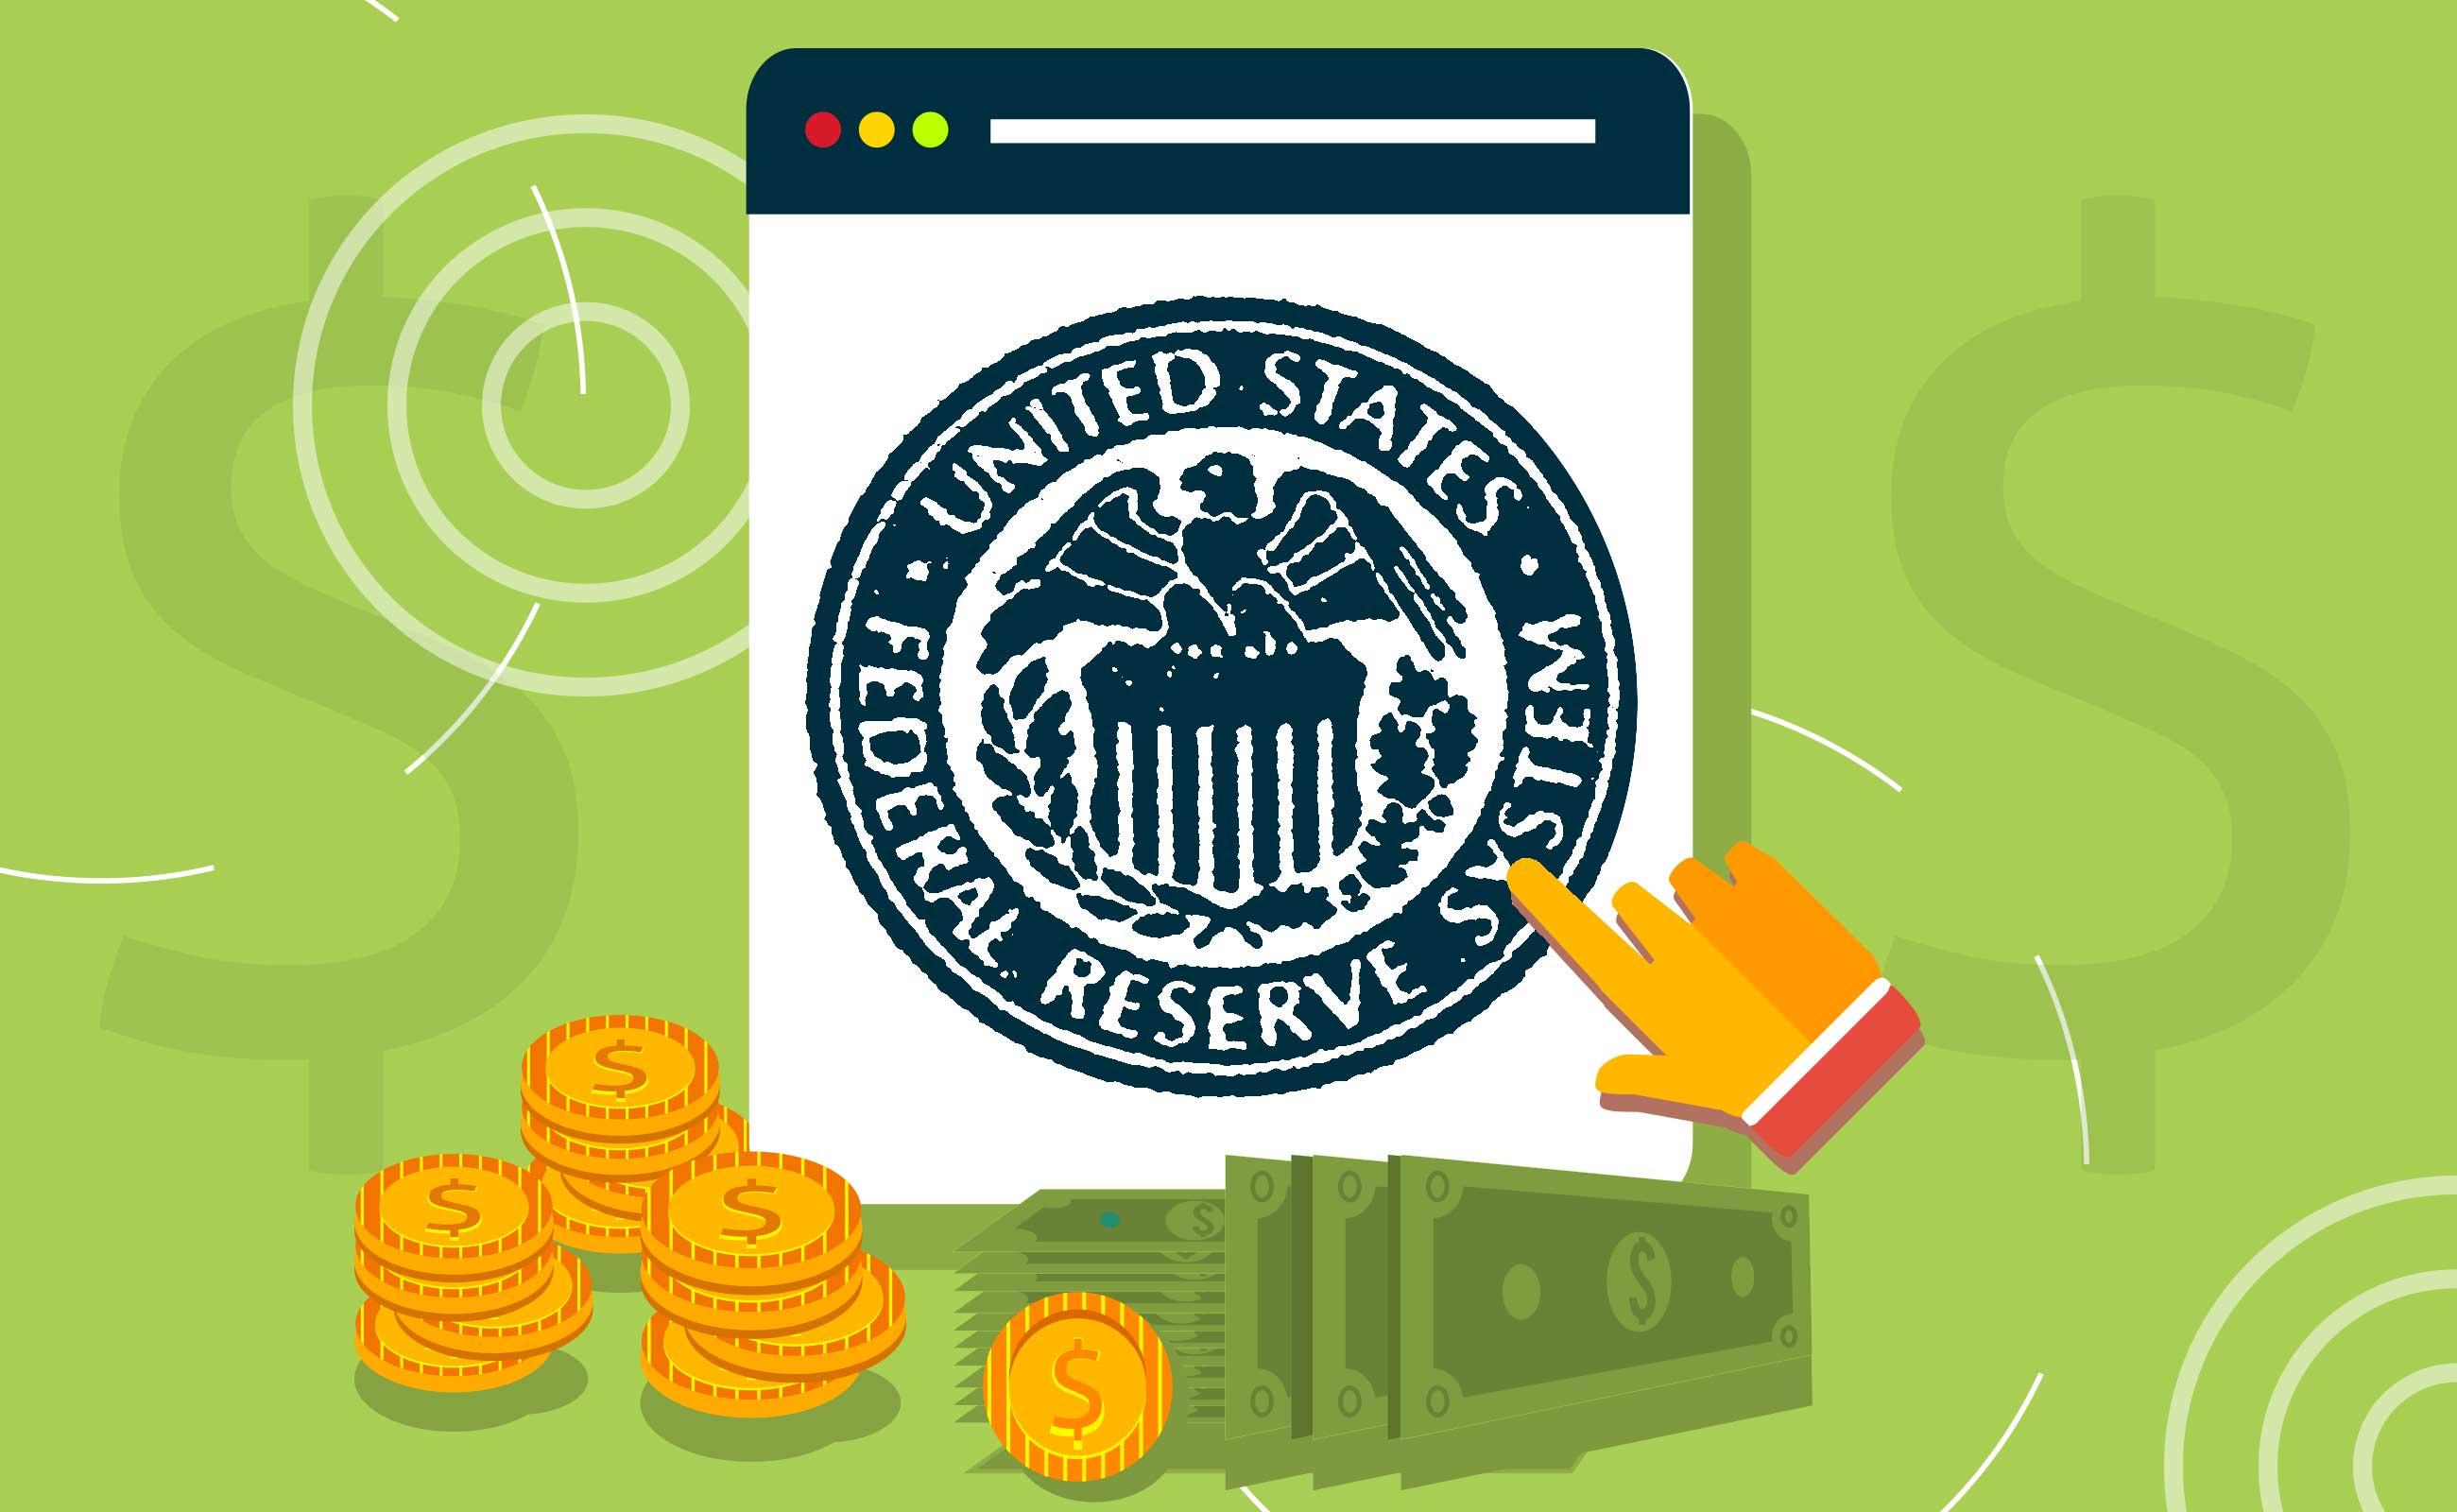 美联储公布经济褐皮书 降息概率升至90%附近